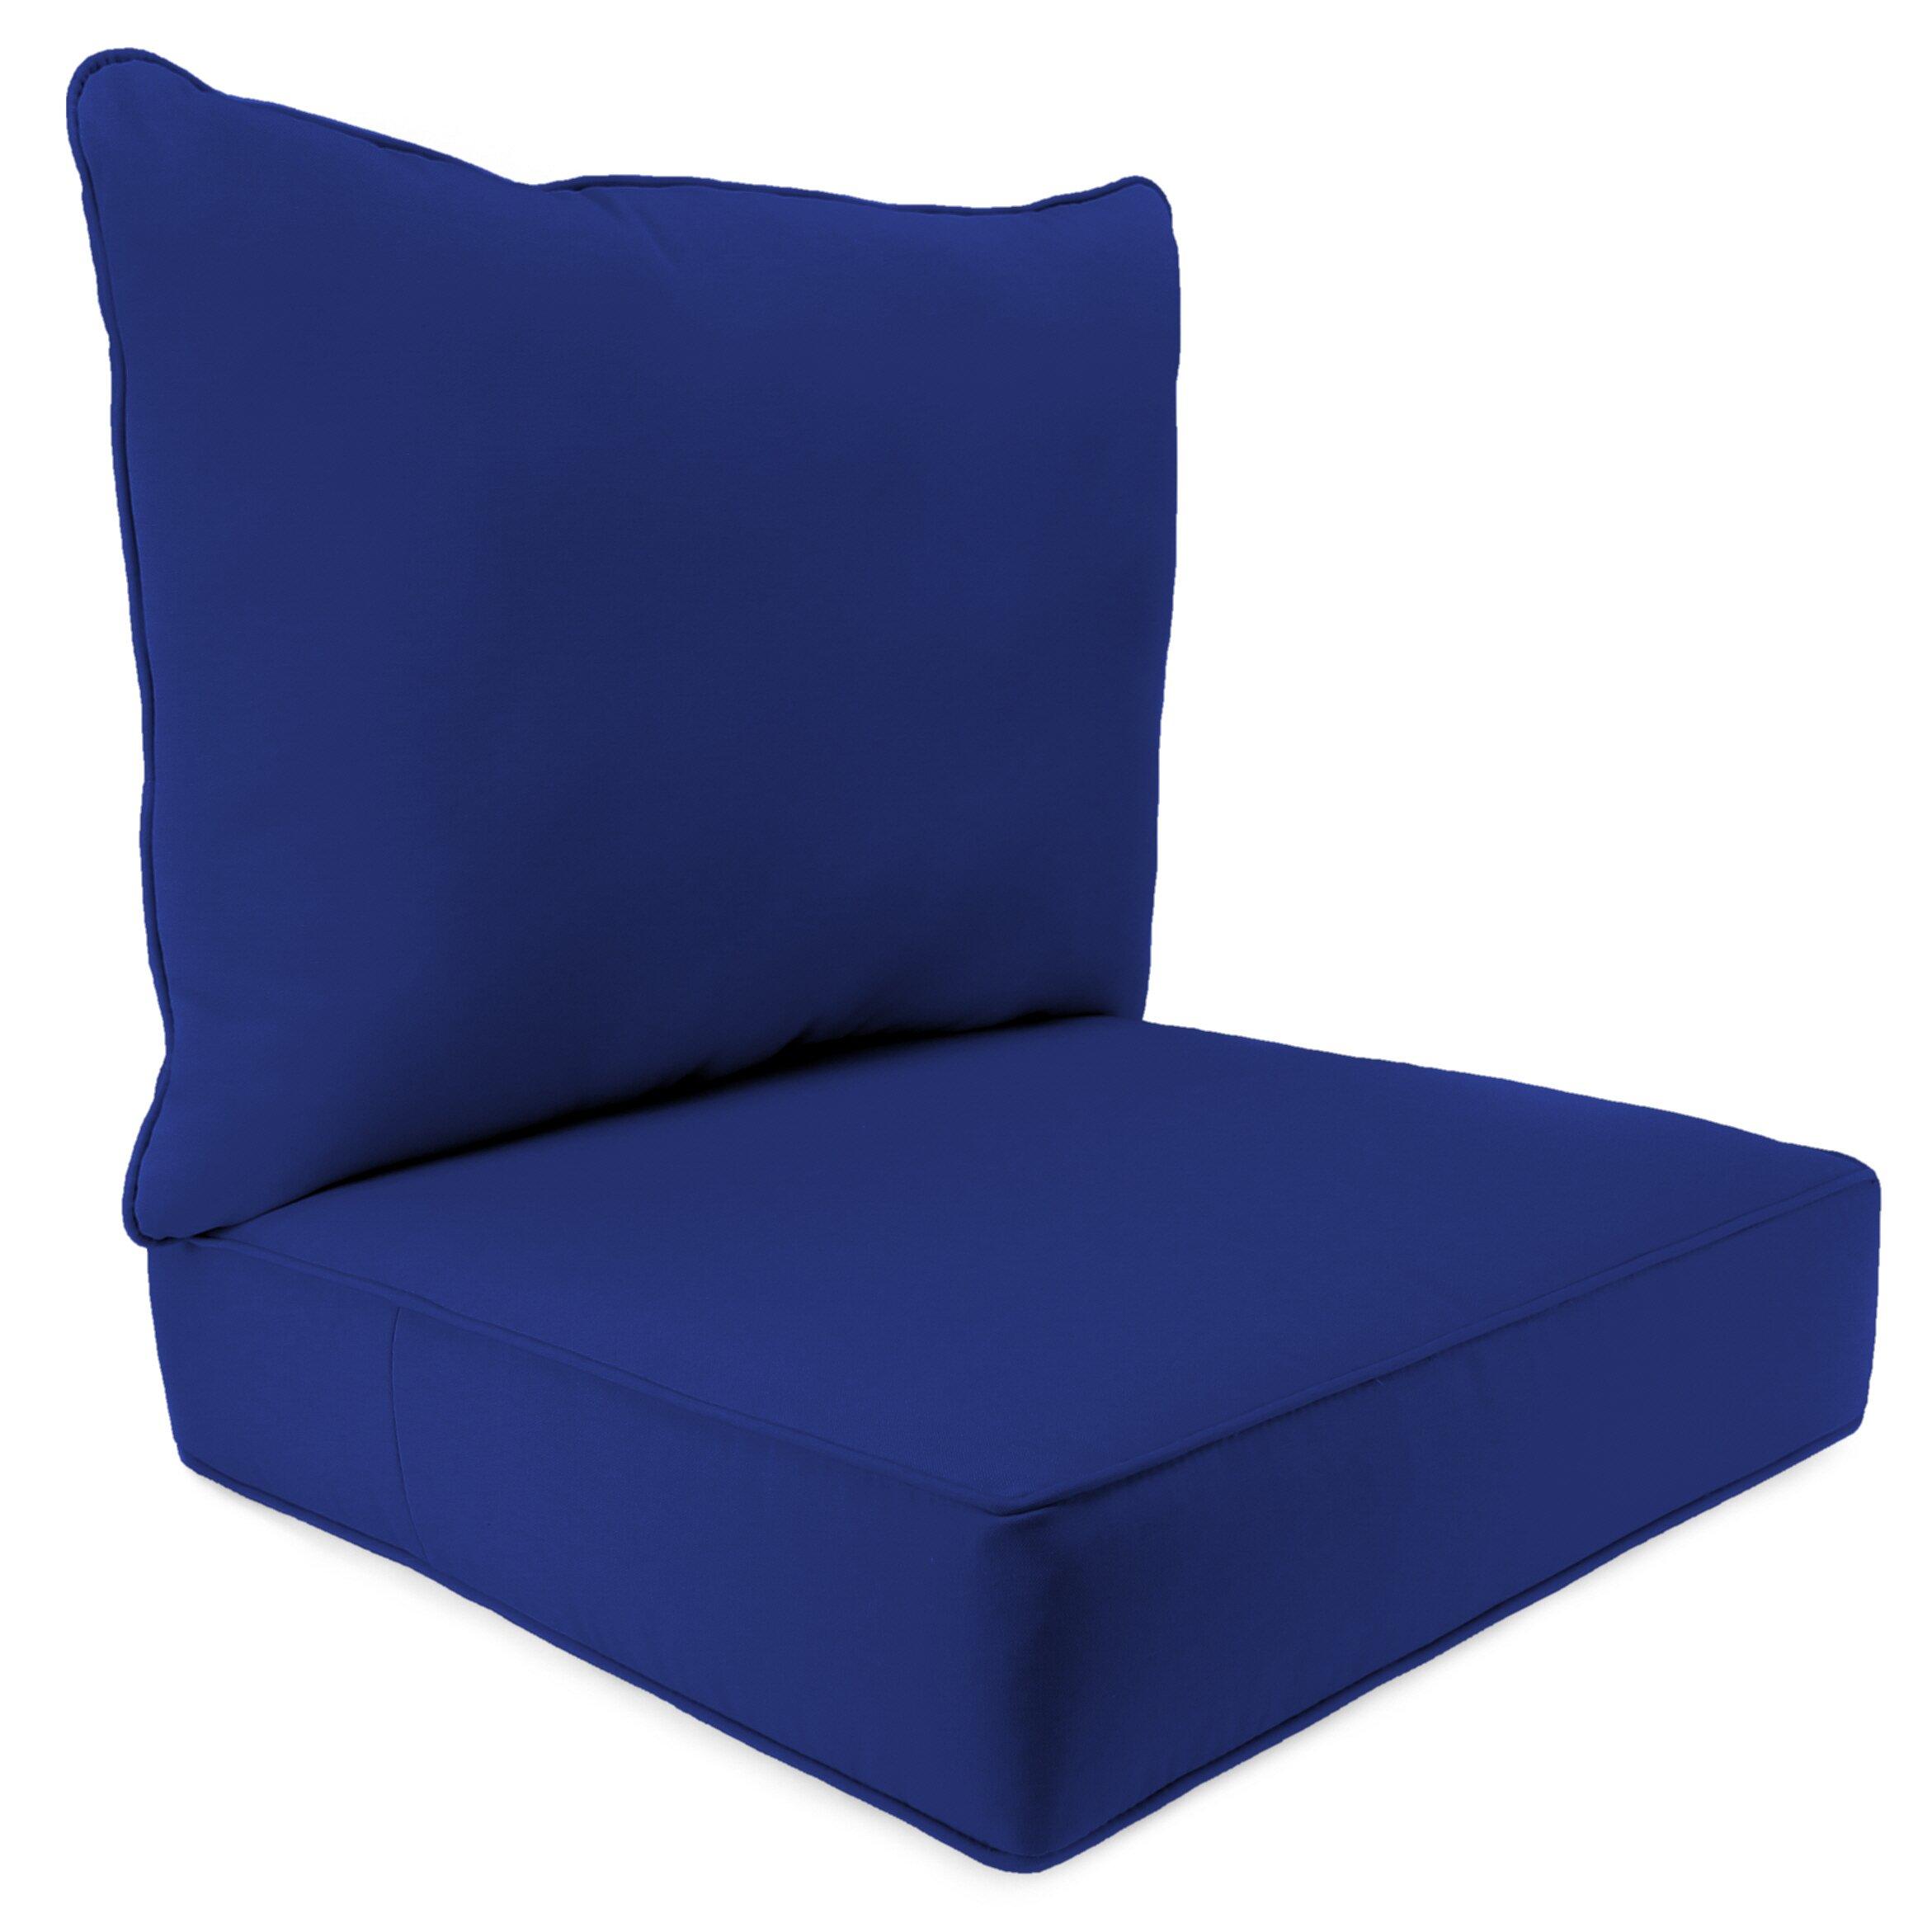 Breakwater Bay 2 Piece IndoorOutdoor Chair Cushion Set Reviews – 2 Piece Outdoor Chair Cushions